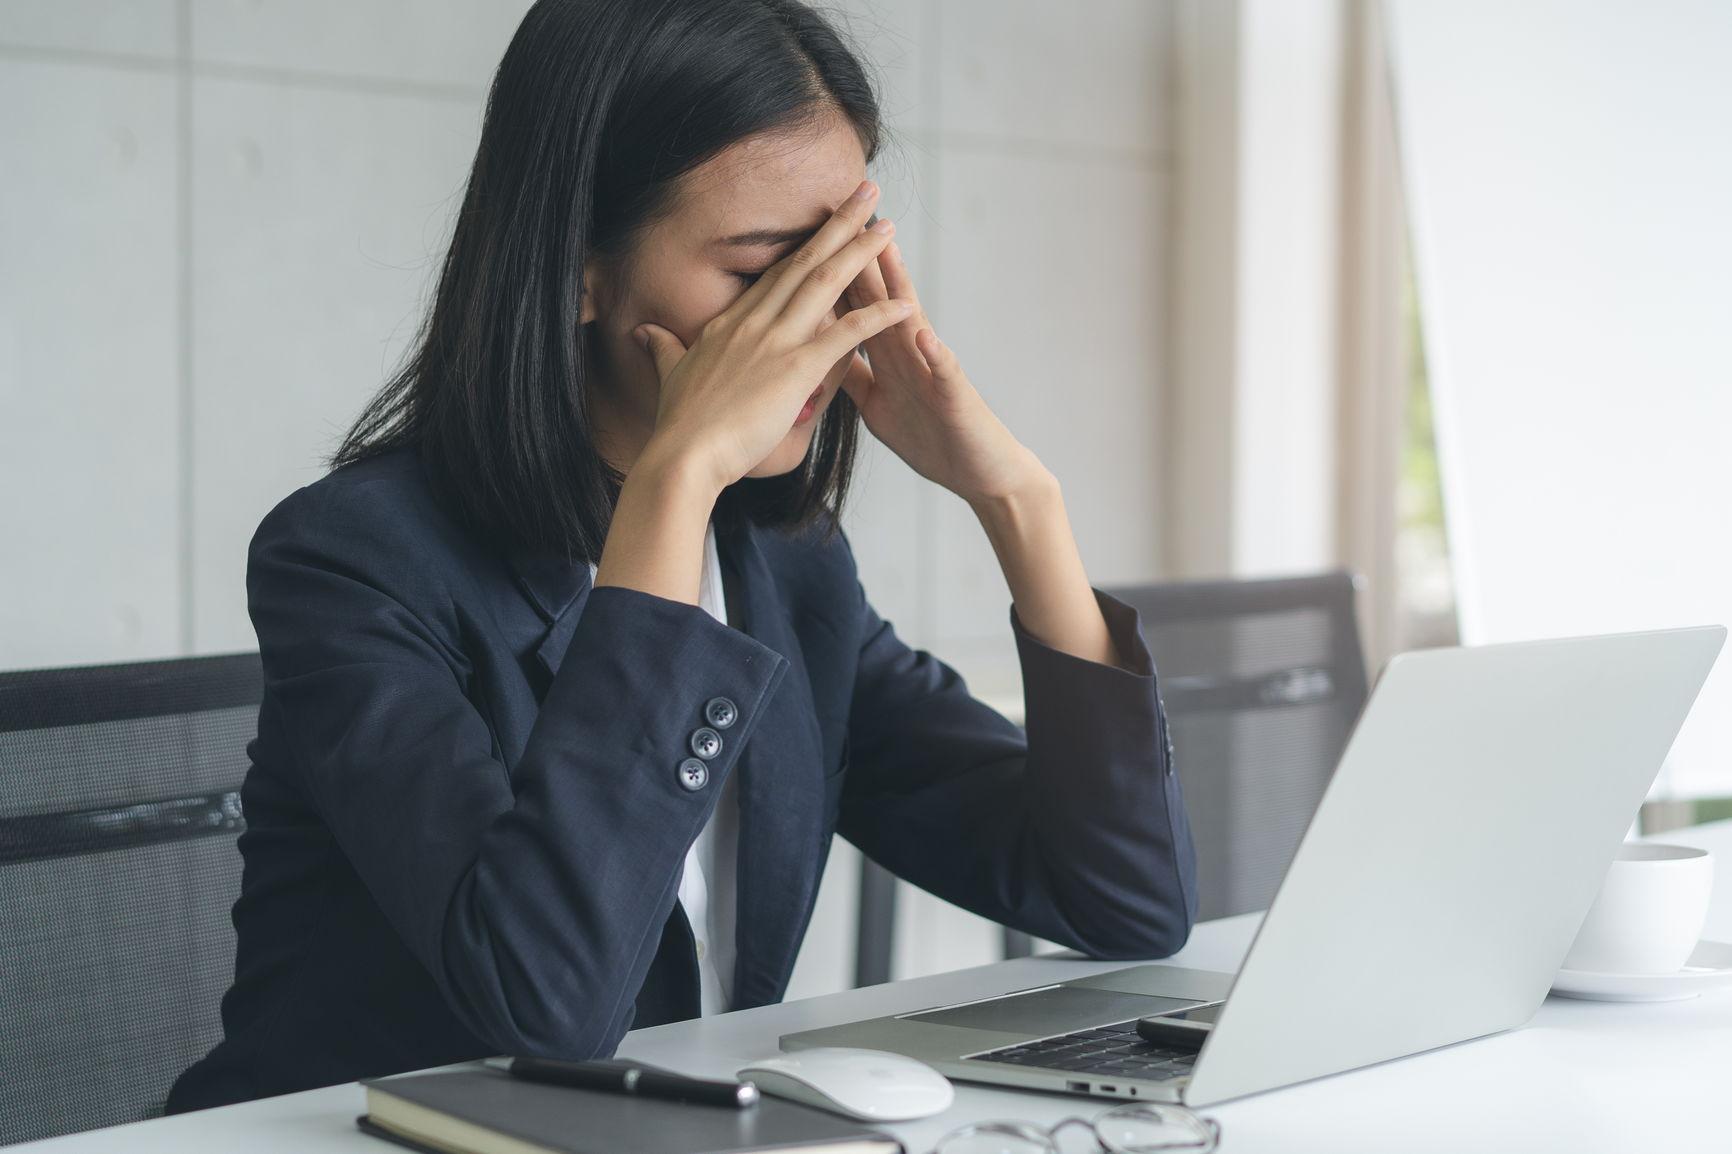 bli kvitt hodepine ved å redusere skjermtid